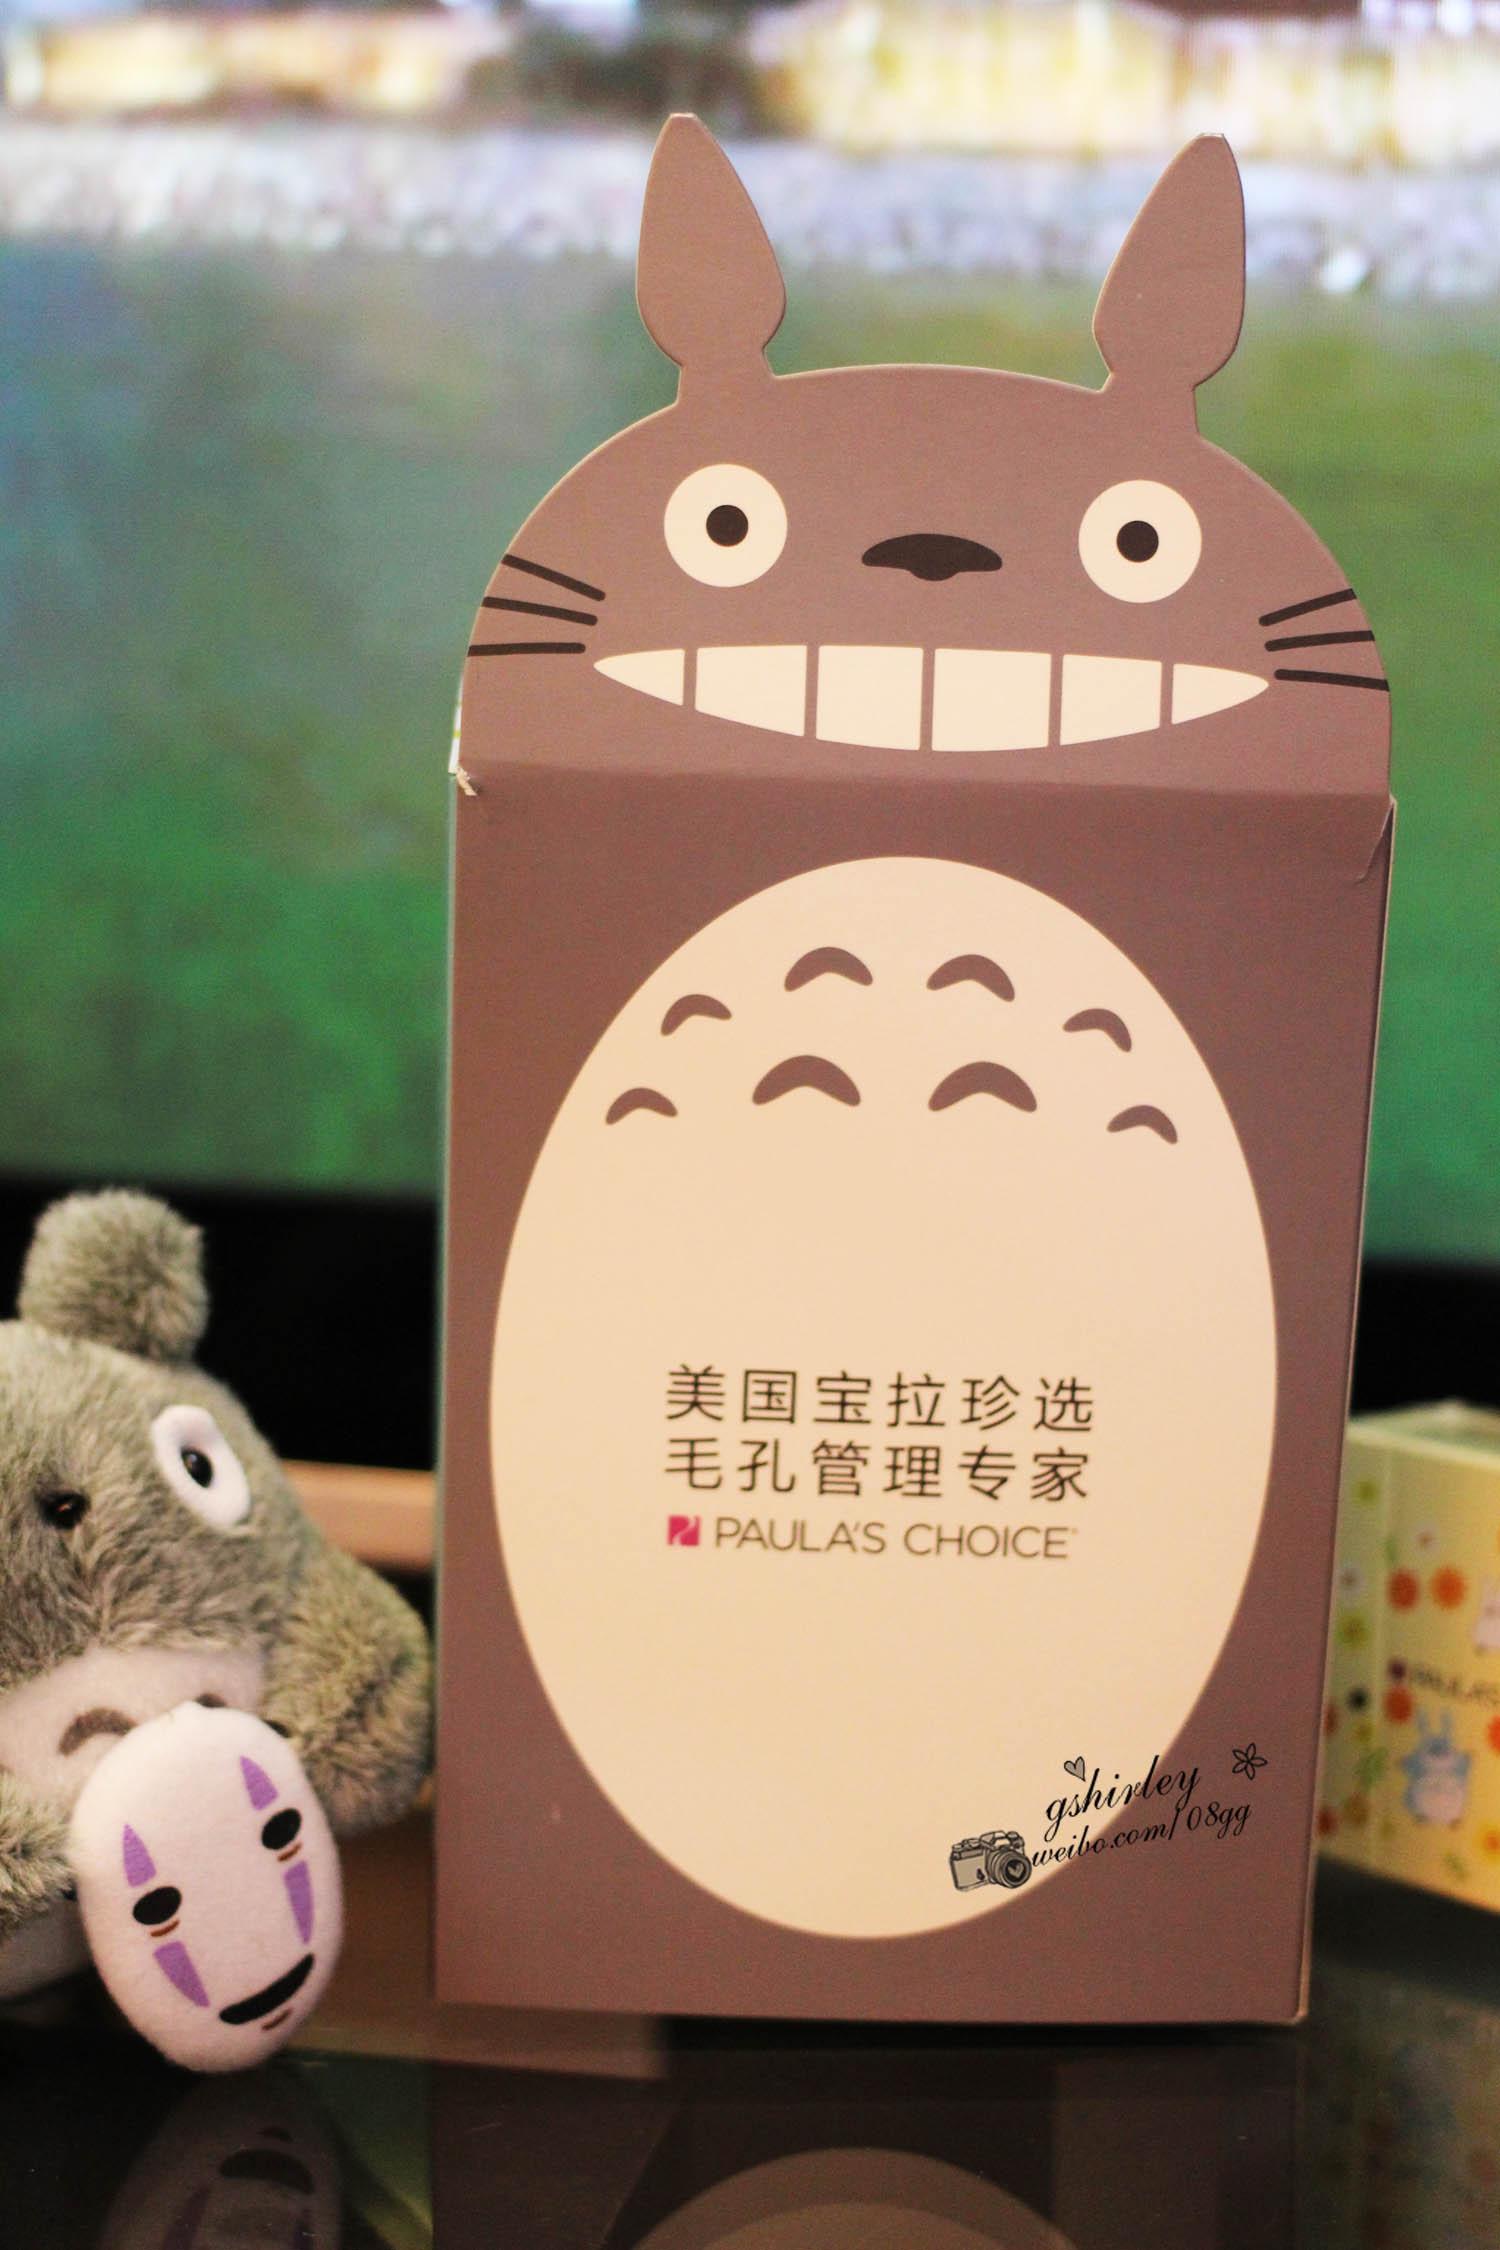 当初看到这个宝拉珍选的礼盒,顿时被吸引了~ 太可爱的龙猫好不好!